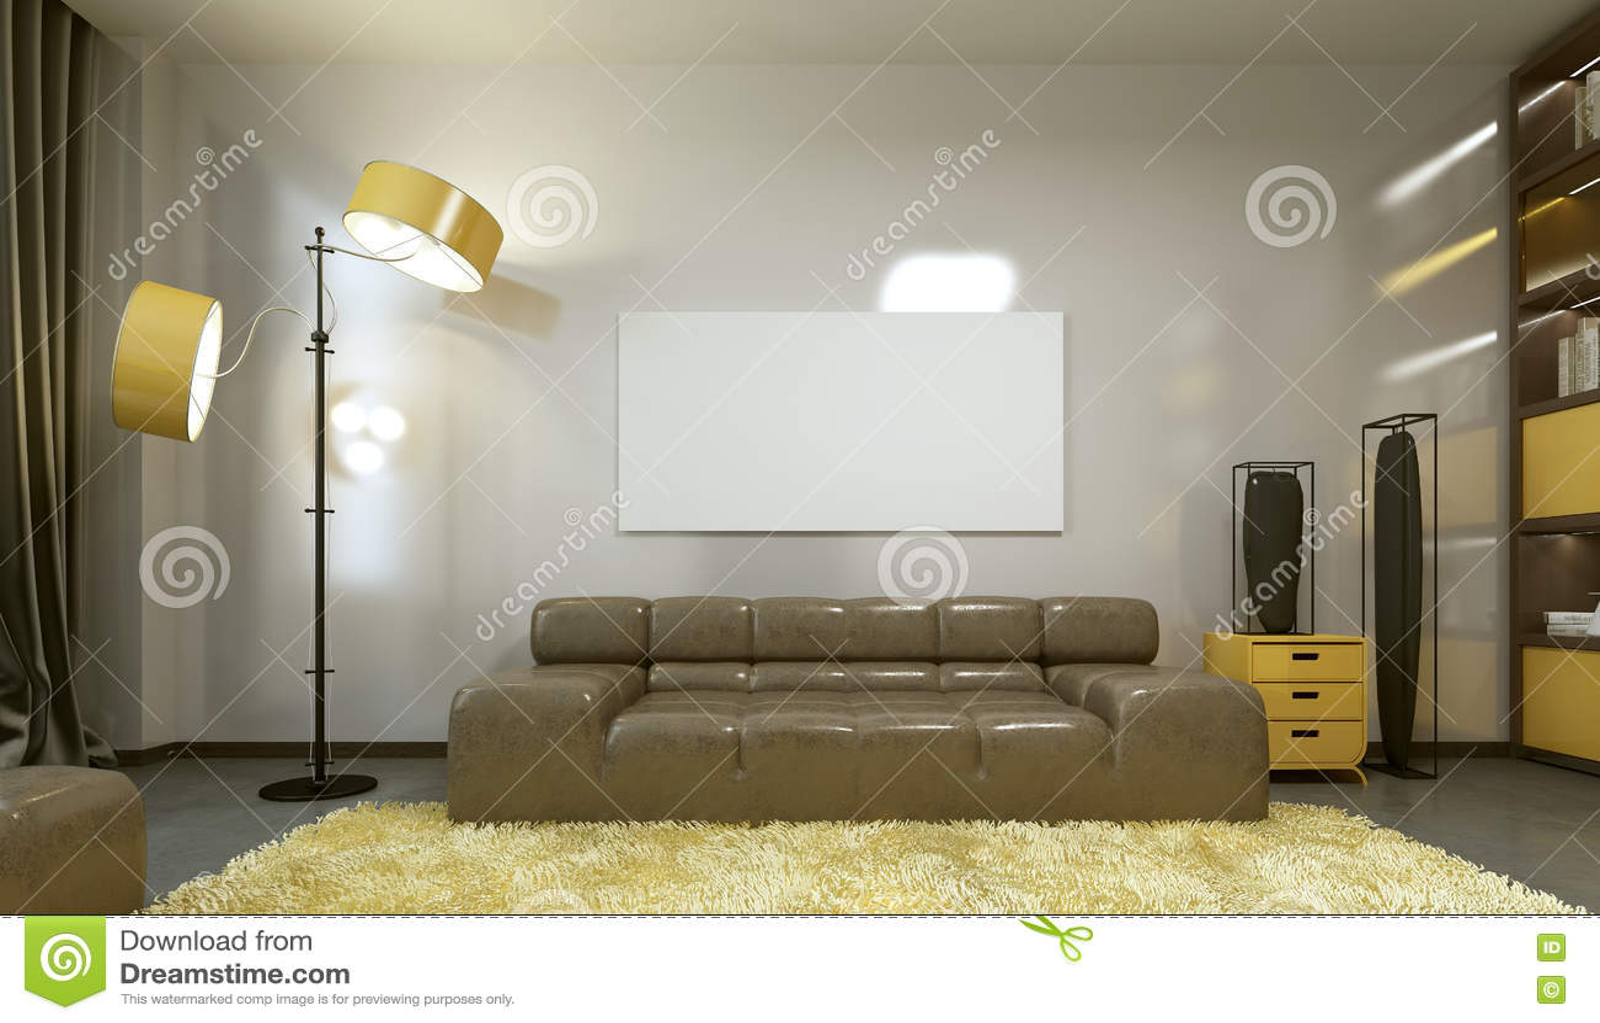 Modelaffiche op de muur in een moderne woonkamer stock illustratie